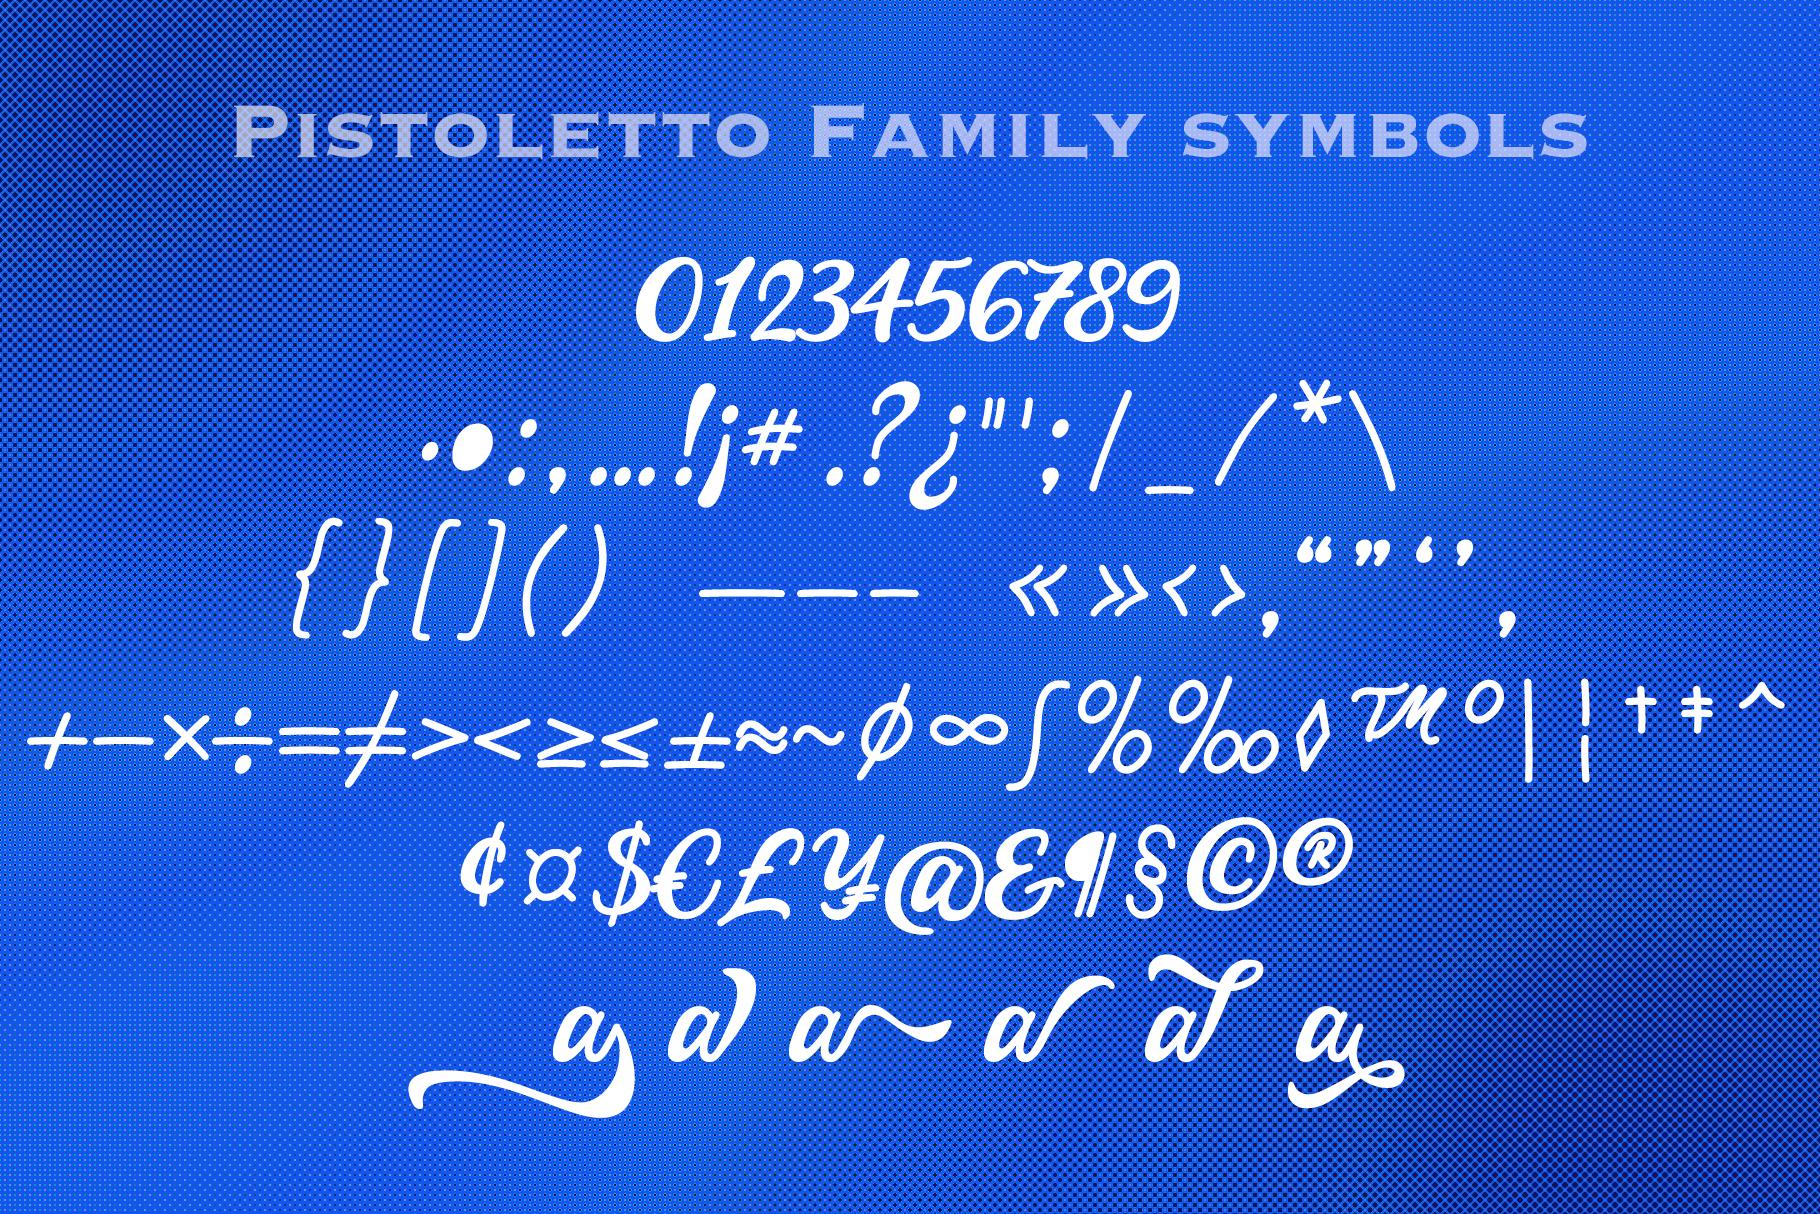 Pistoletto free example 5